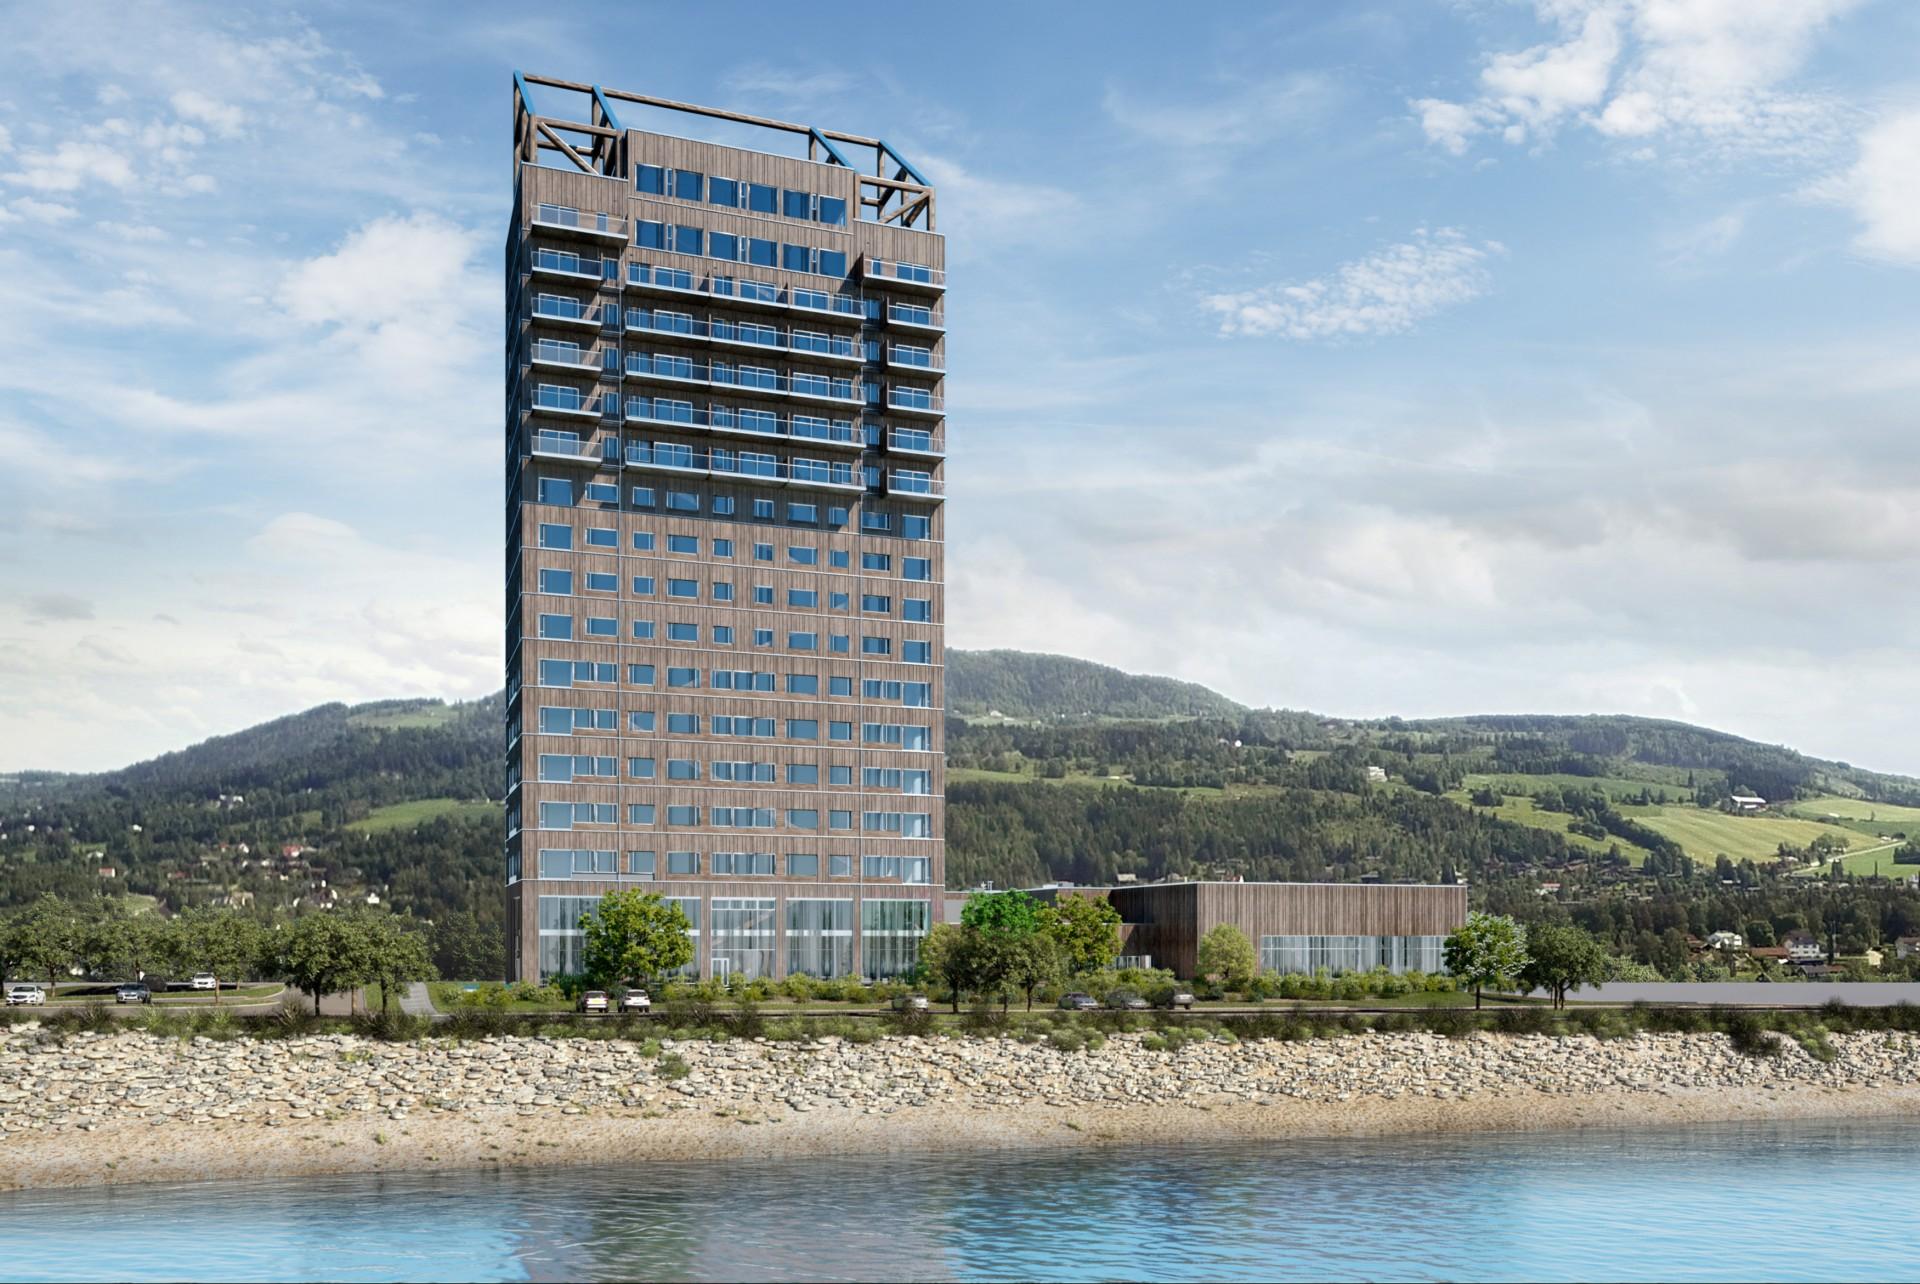 Mjost rnet il piu alto grattacielo in legno del mondo for Grattacielo piu alto del mondo